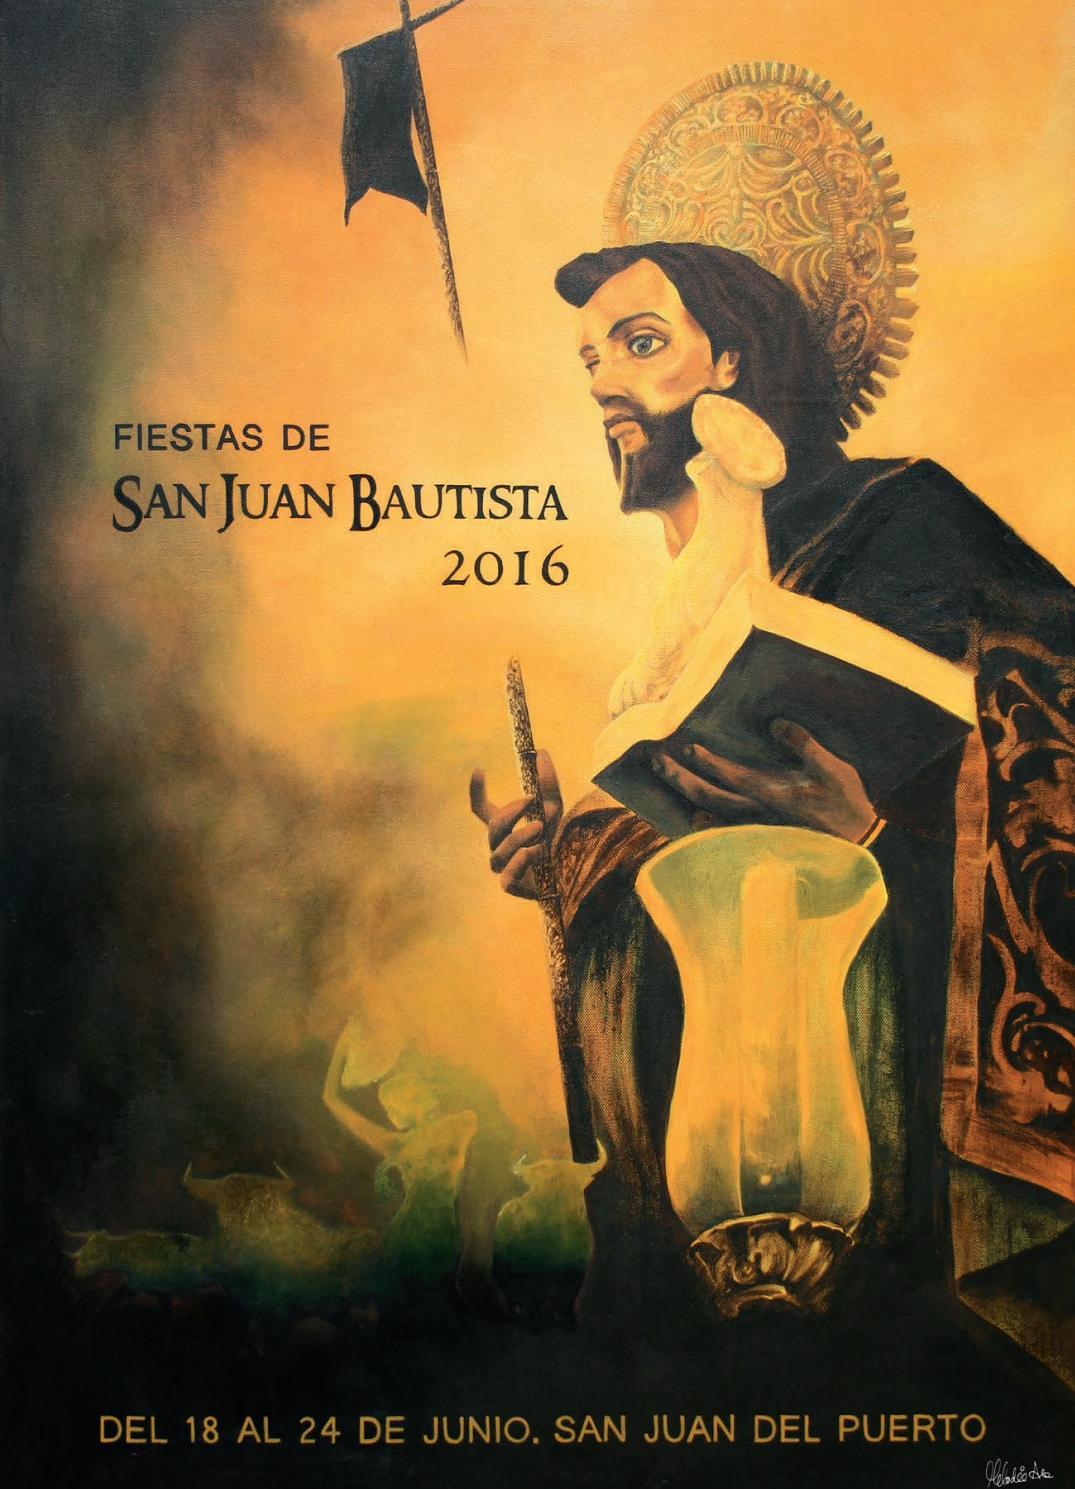 Fiestas de San Juan Bautista 2016 by Ayto San Juan del Puerto - issuu